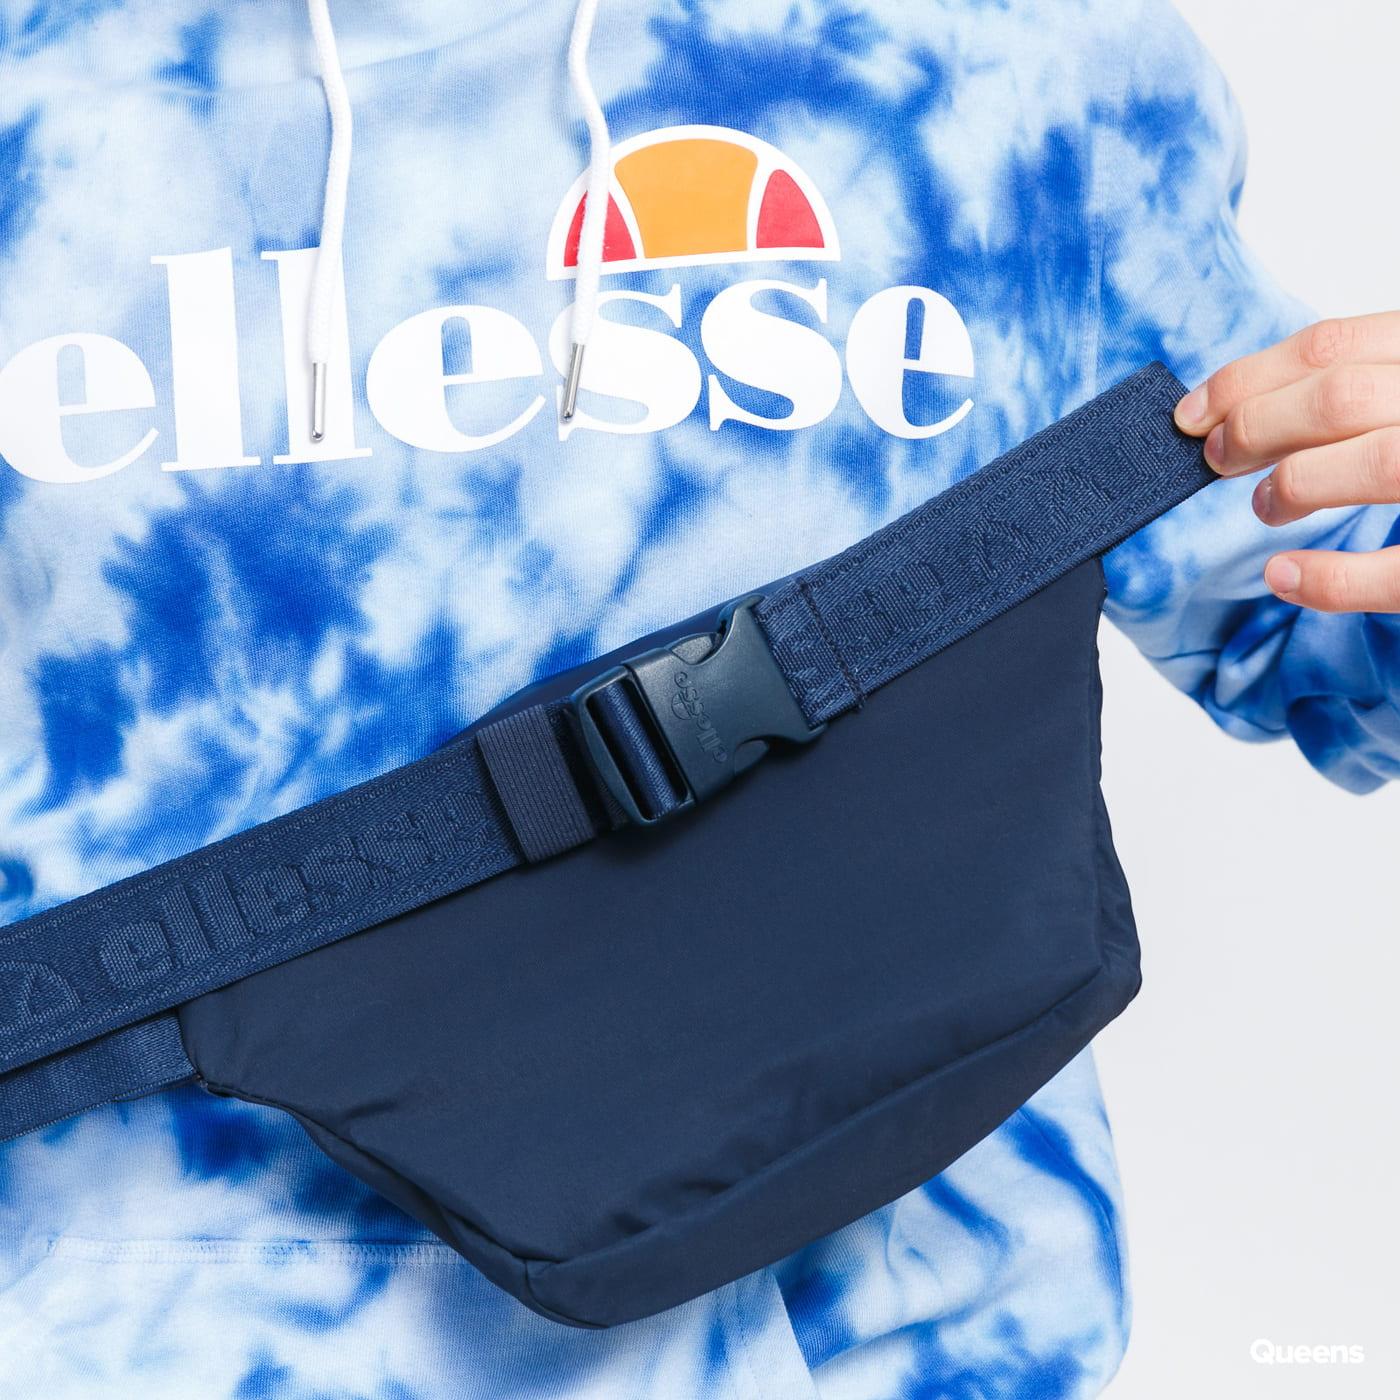 ellesse Lizoa Bum Bag blue / turquoise